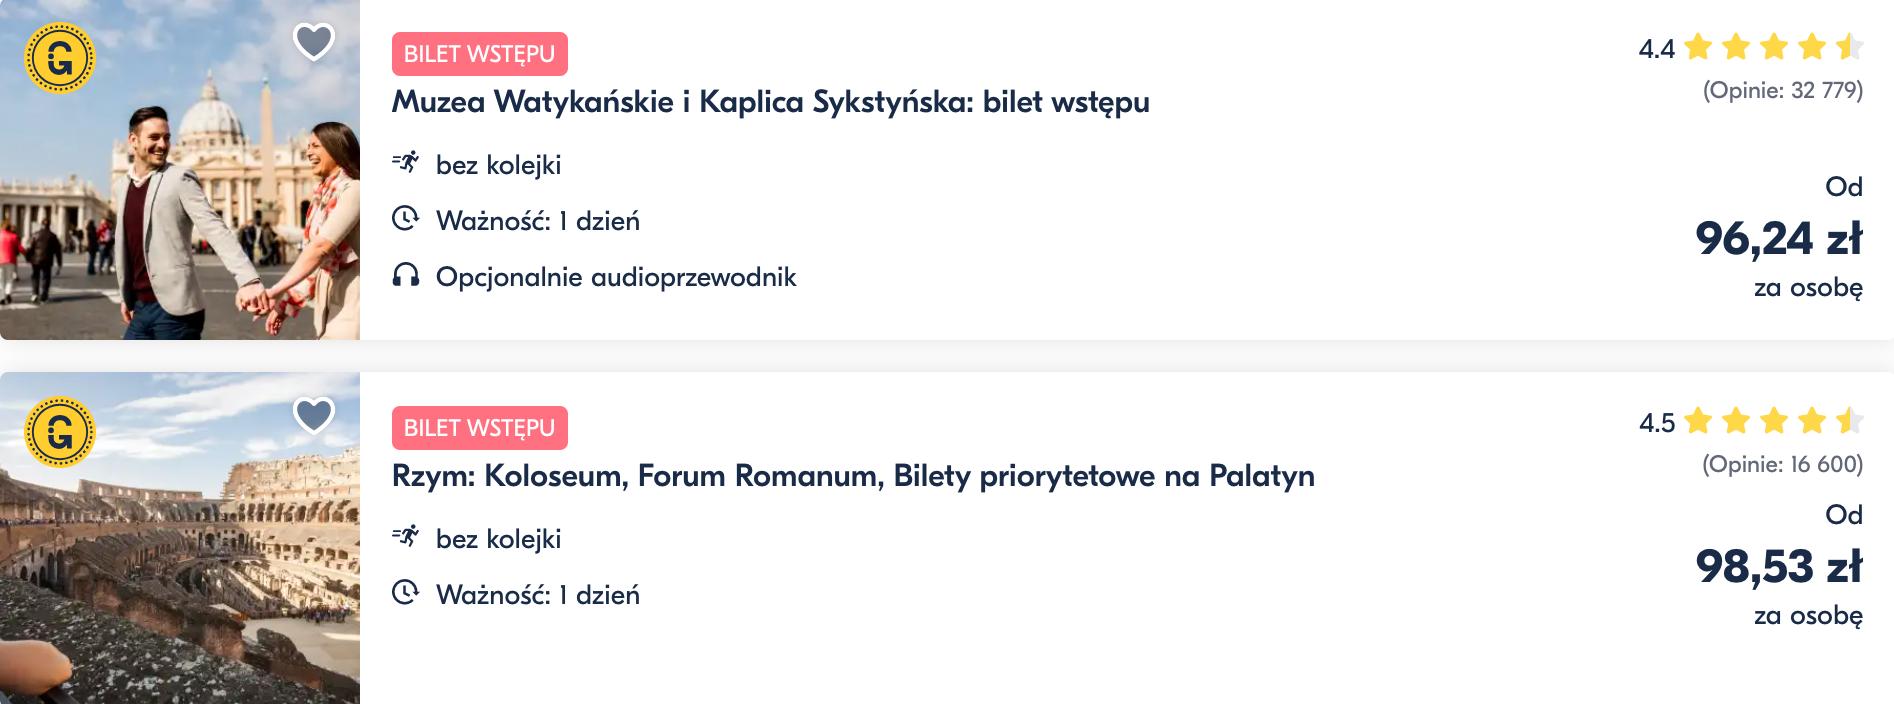 Partner Link getyourguide_pl_activities_affiliate